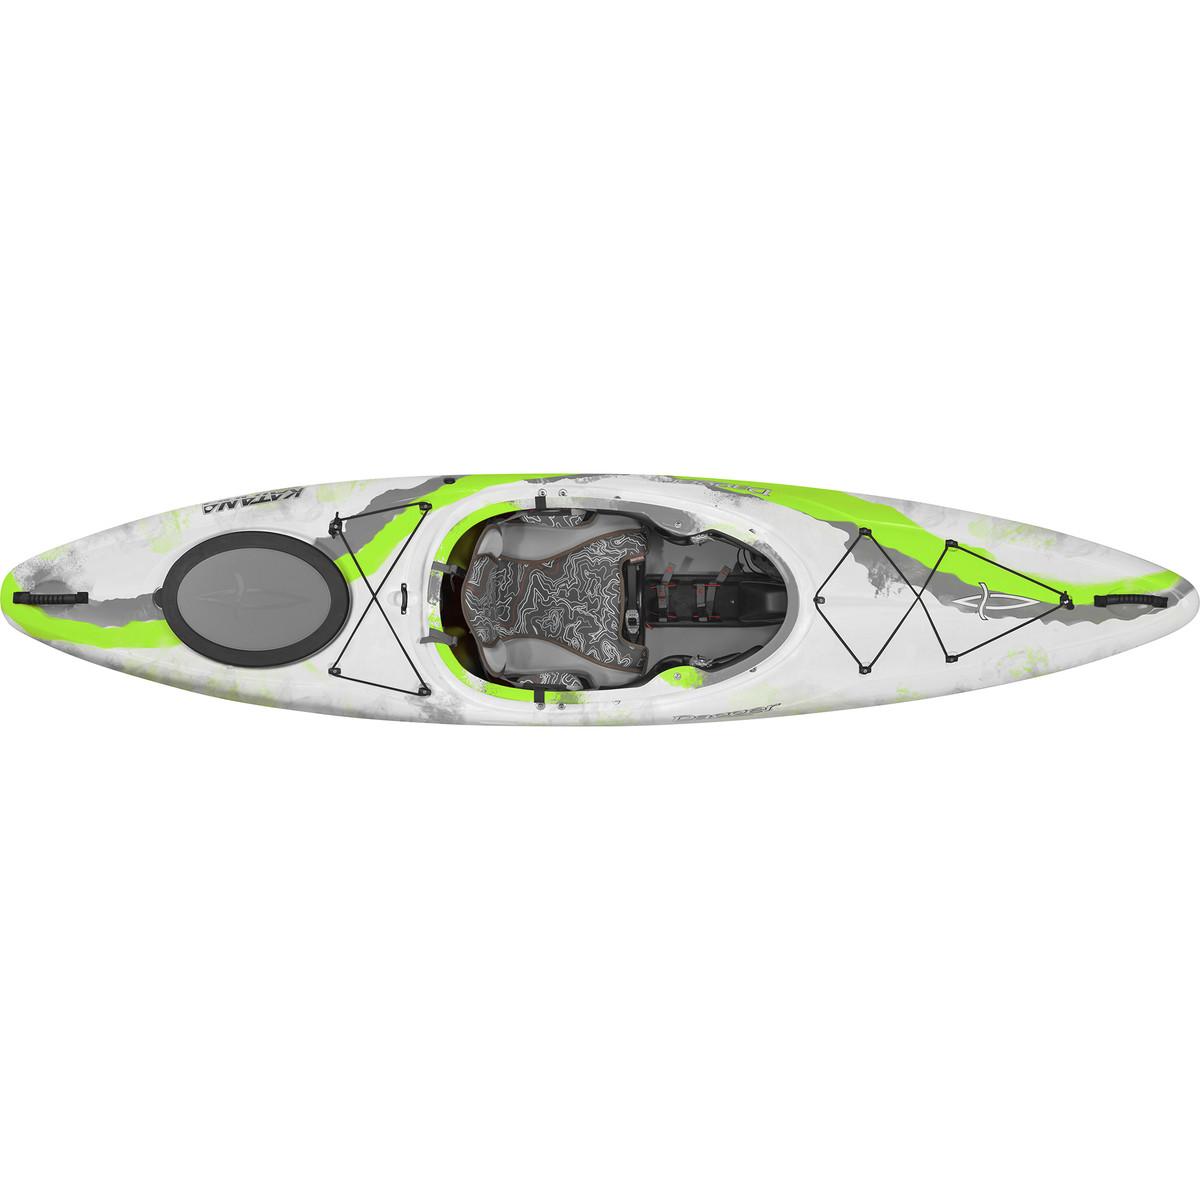 photo: Dagger Katana 9.7 recreational kayak